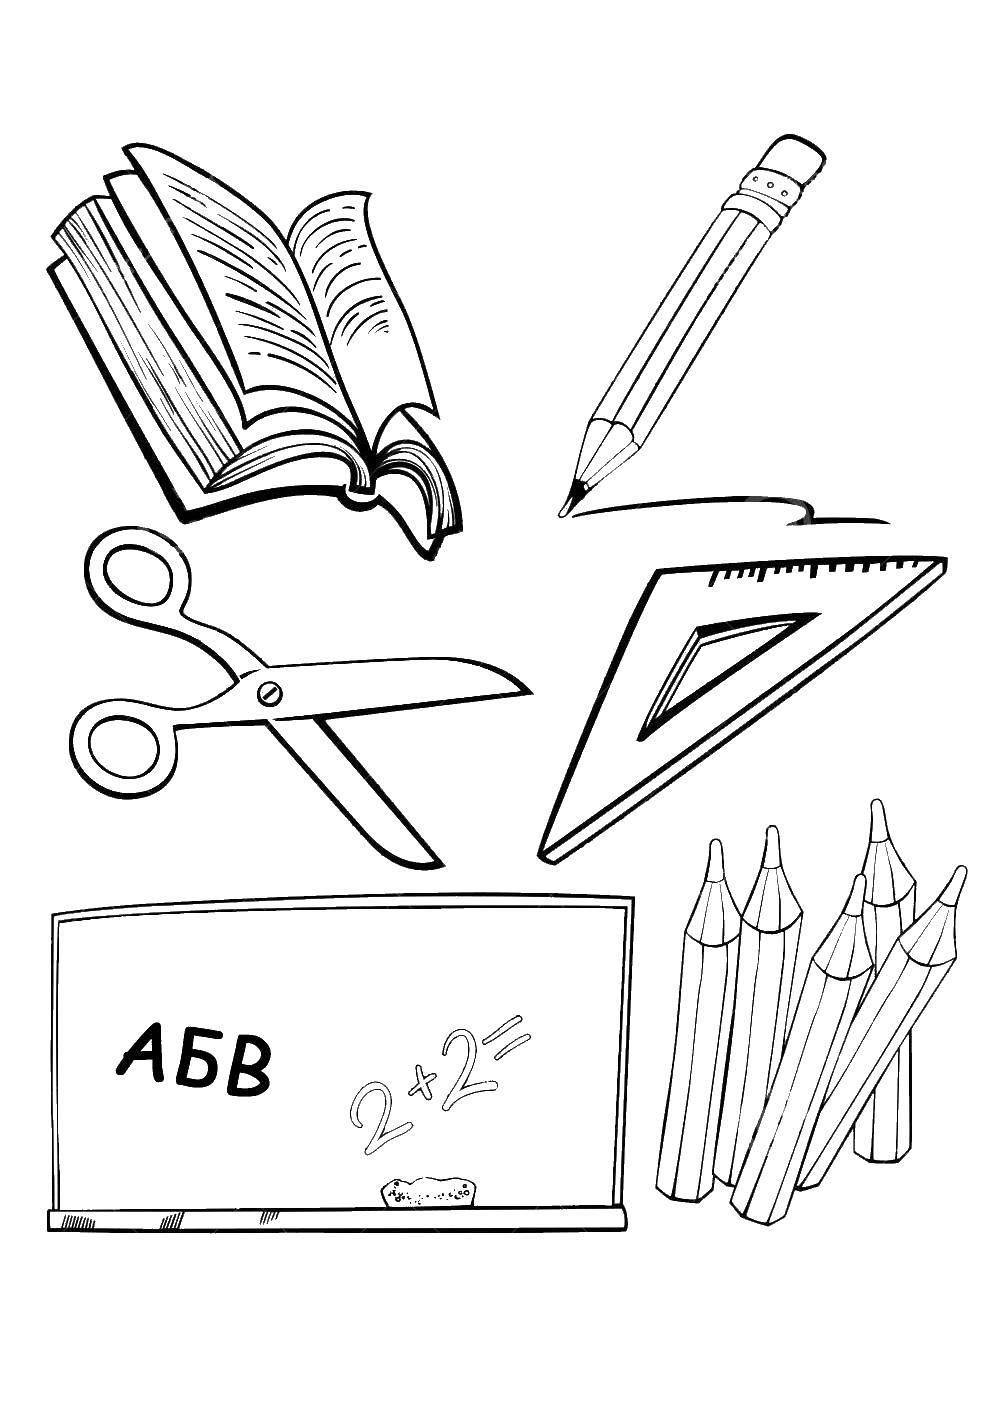 раскраски ручка раскраска учебник ножницы карандаш ручка